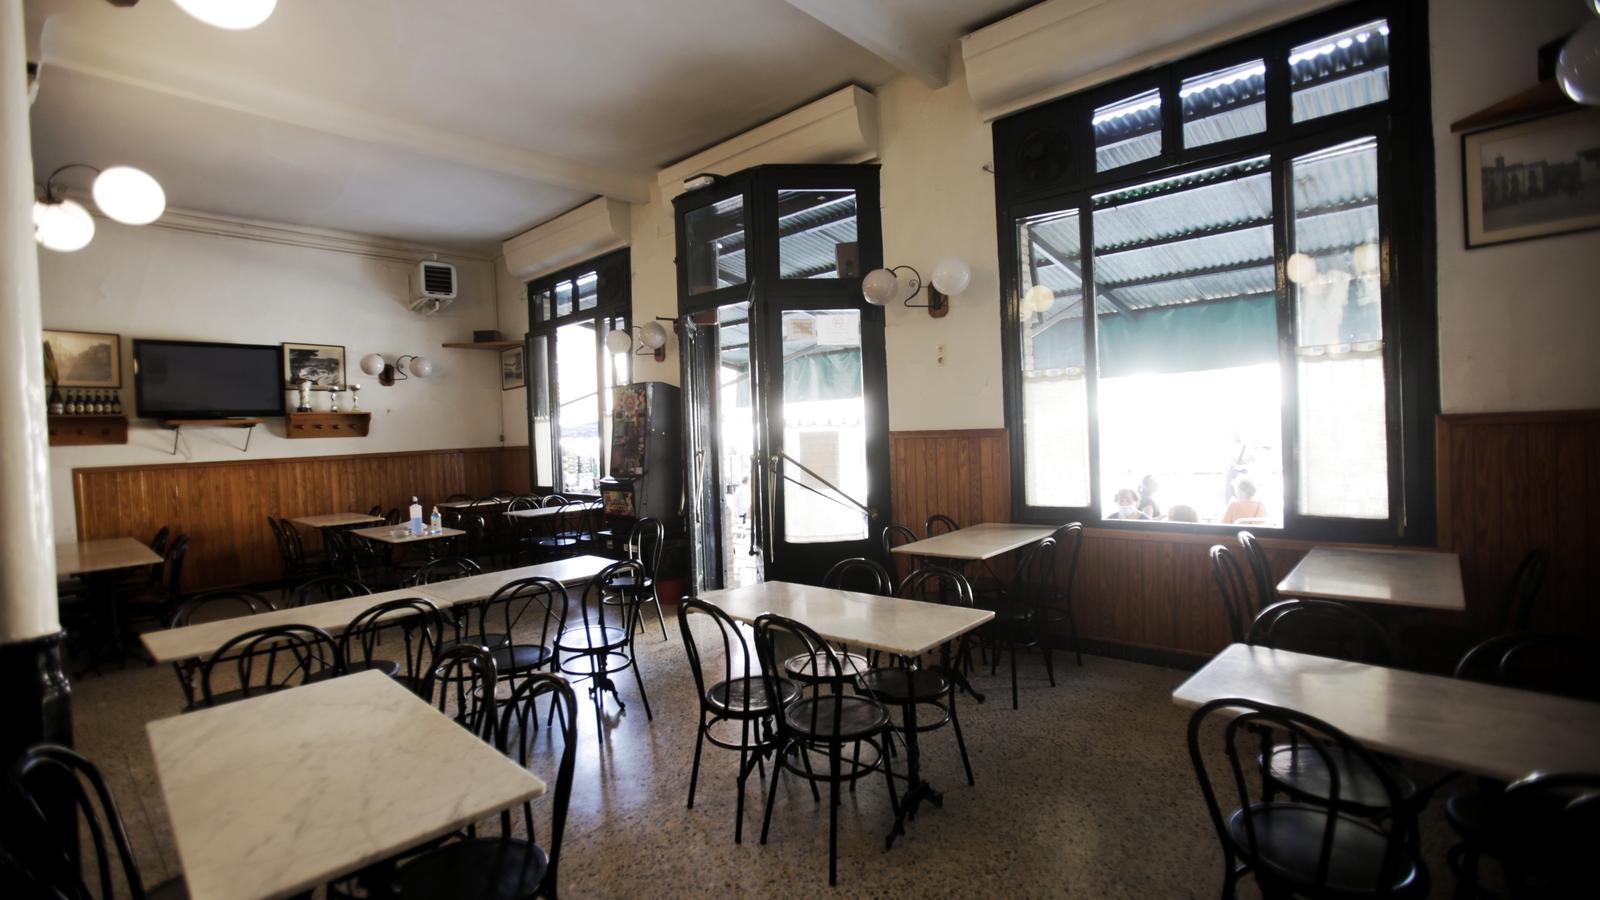 Un bar buit a Tona, un municipi amb menys de 10.000 habitants que no compleix amb els requisits de densitat